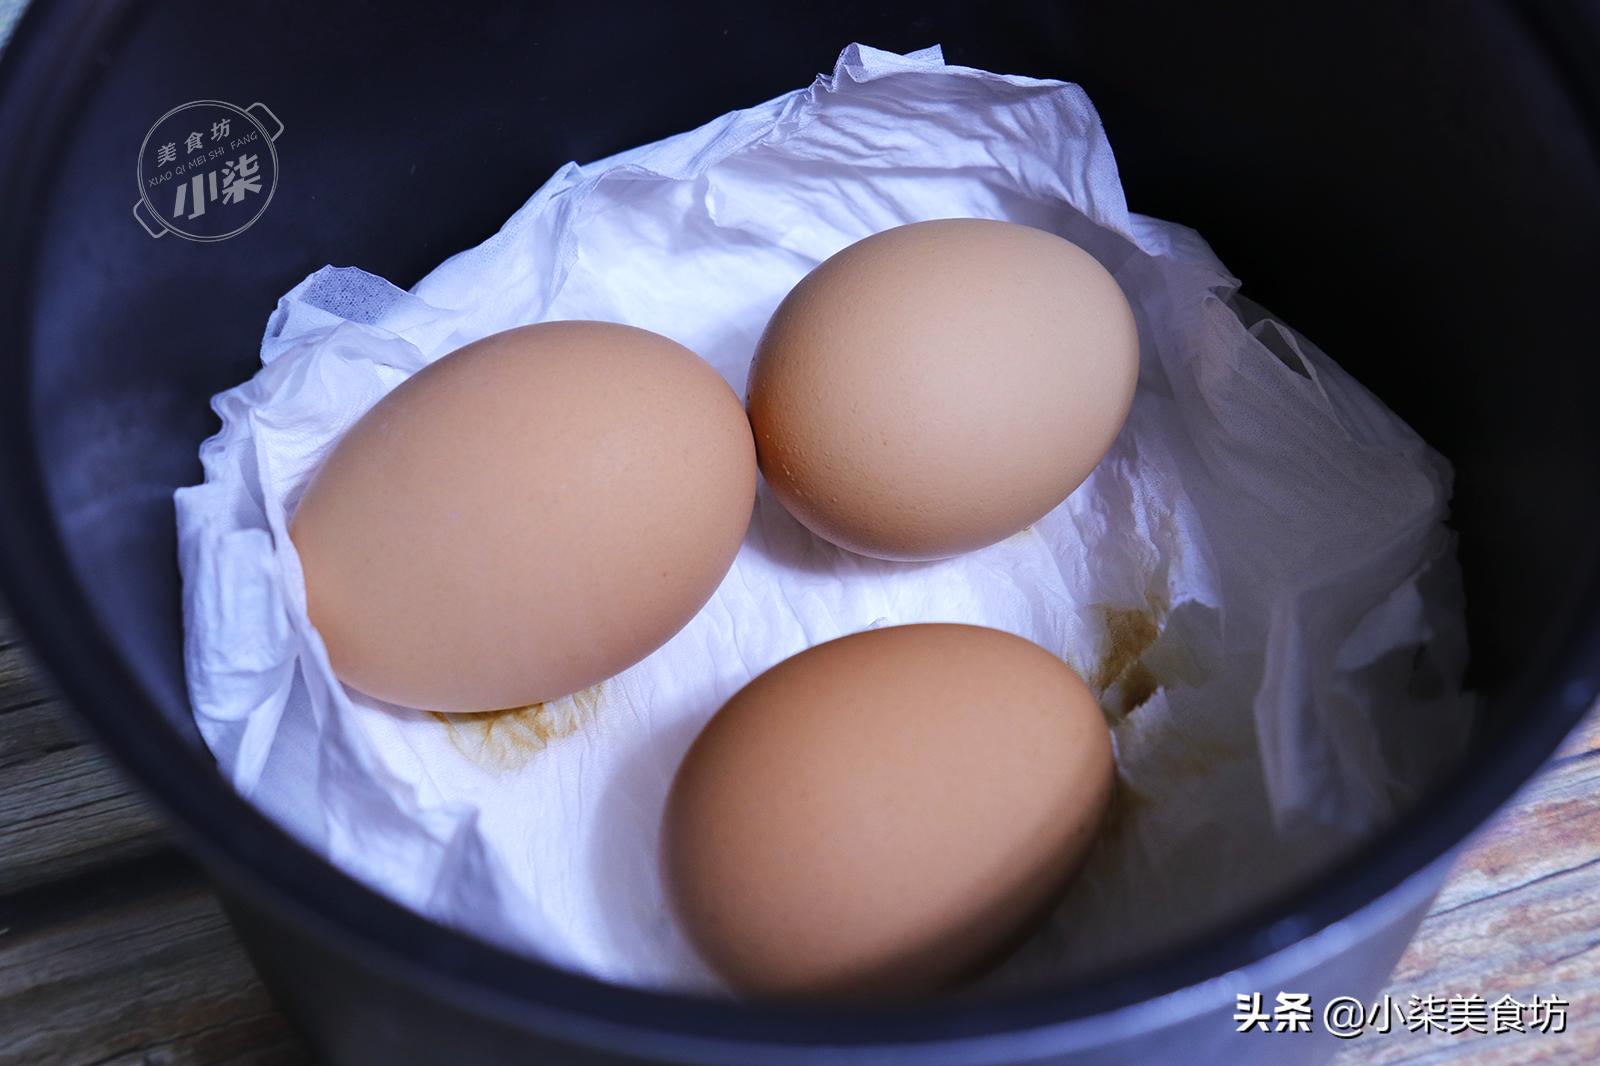 最近很火的煮雞蛋,只需一張紙,雞蛋2分鐘出鍋,軟嫩適中口感好